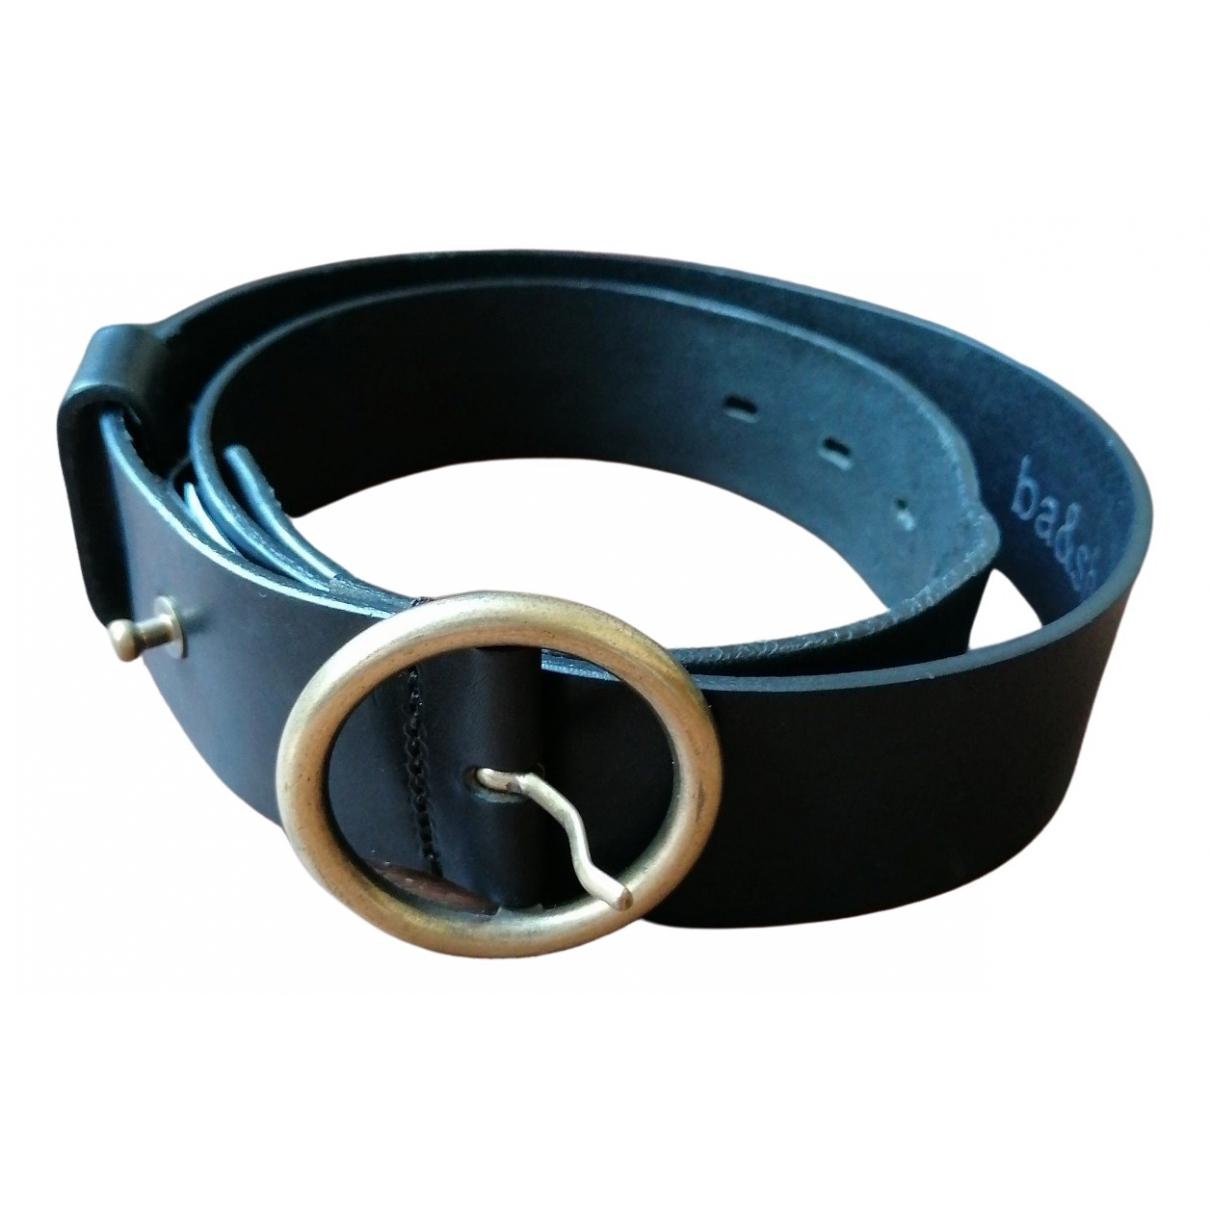 Ba&sh \N Black Leather belt for Women S International